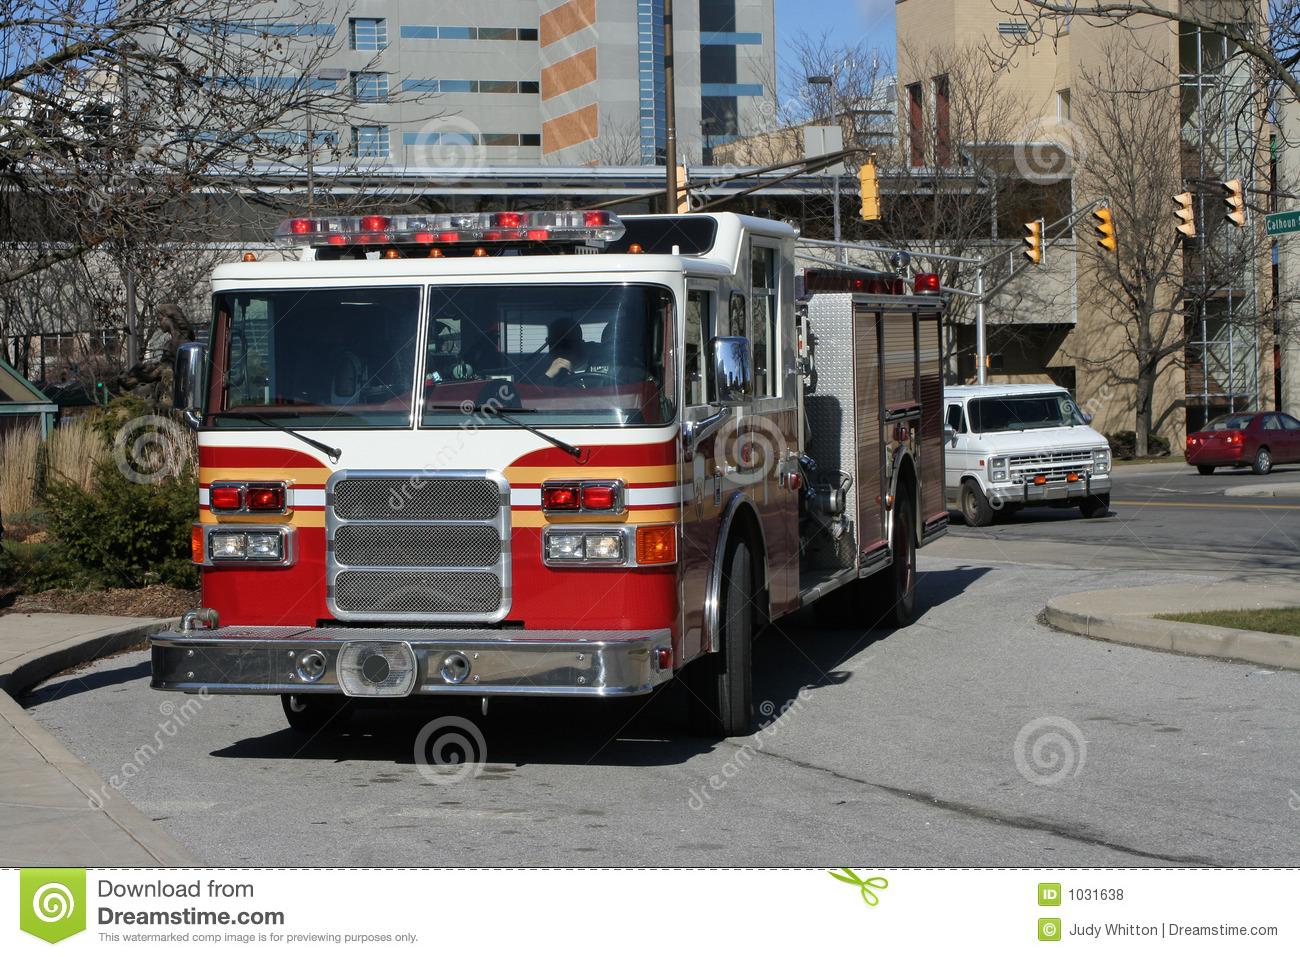 Fire Trucks Responding